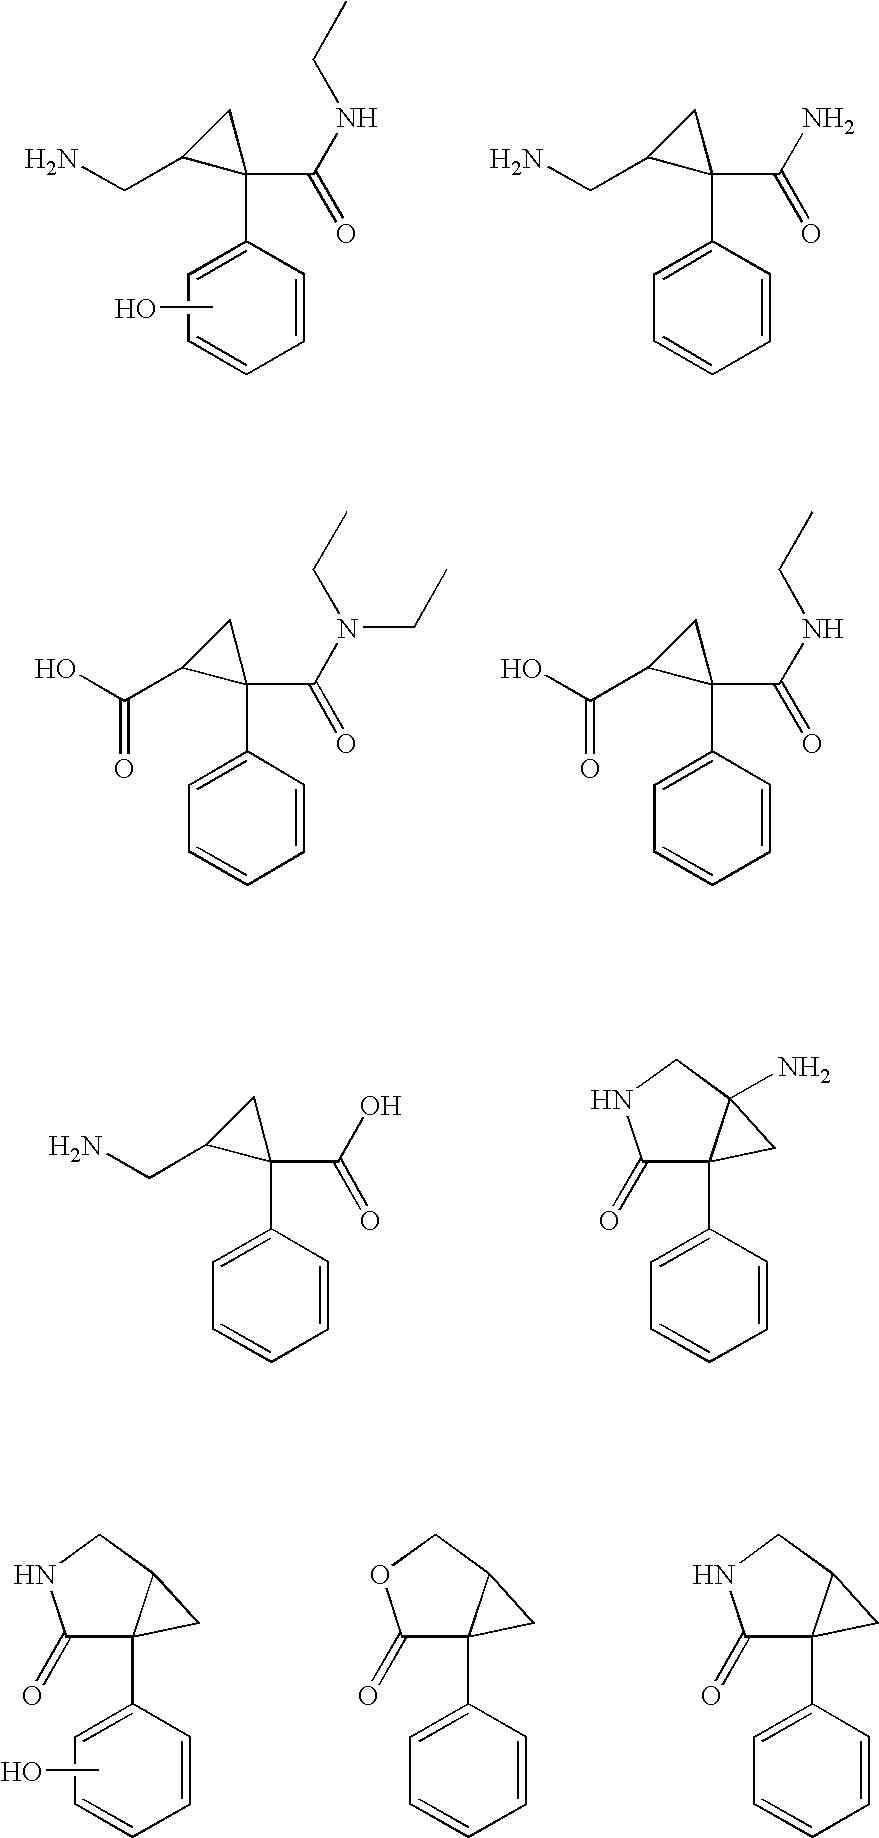 Figure US20050282859A1-20051222-C00026